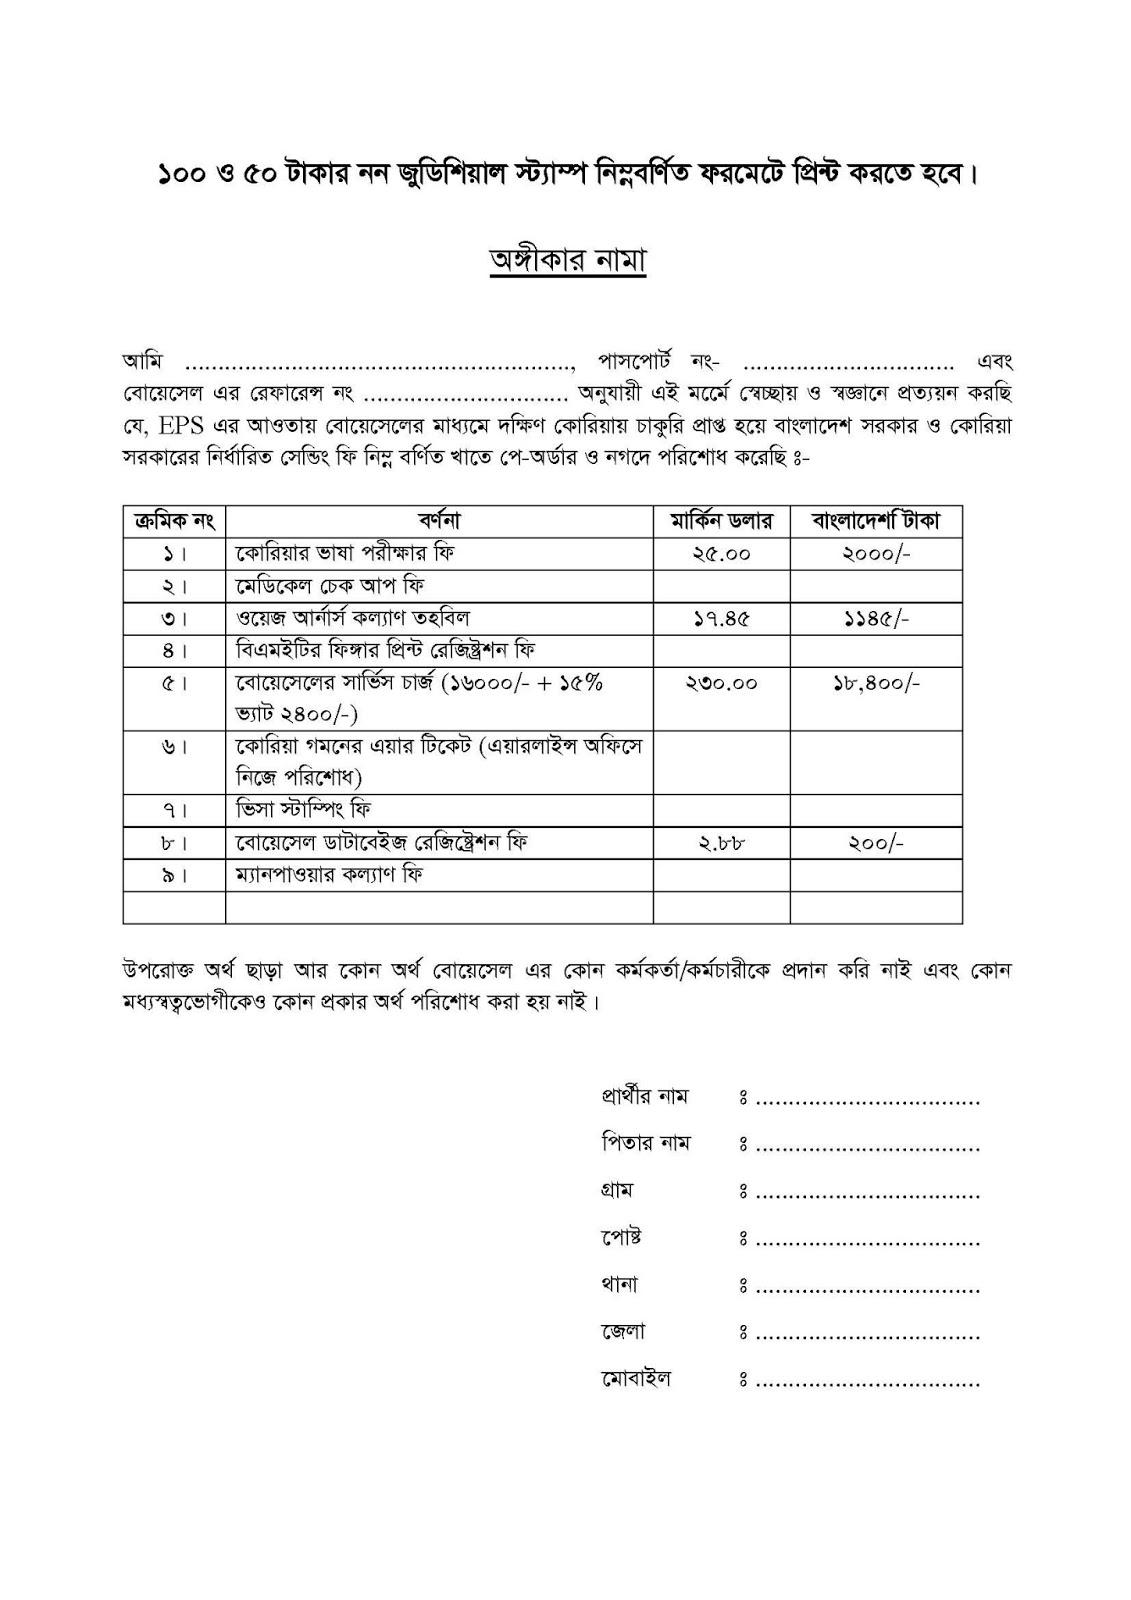 korean visa application form for bangladeshi